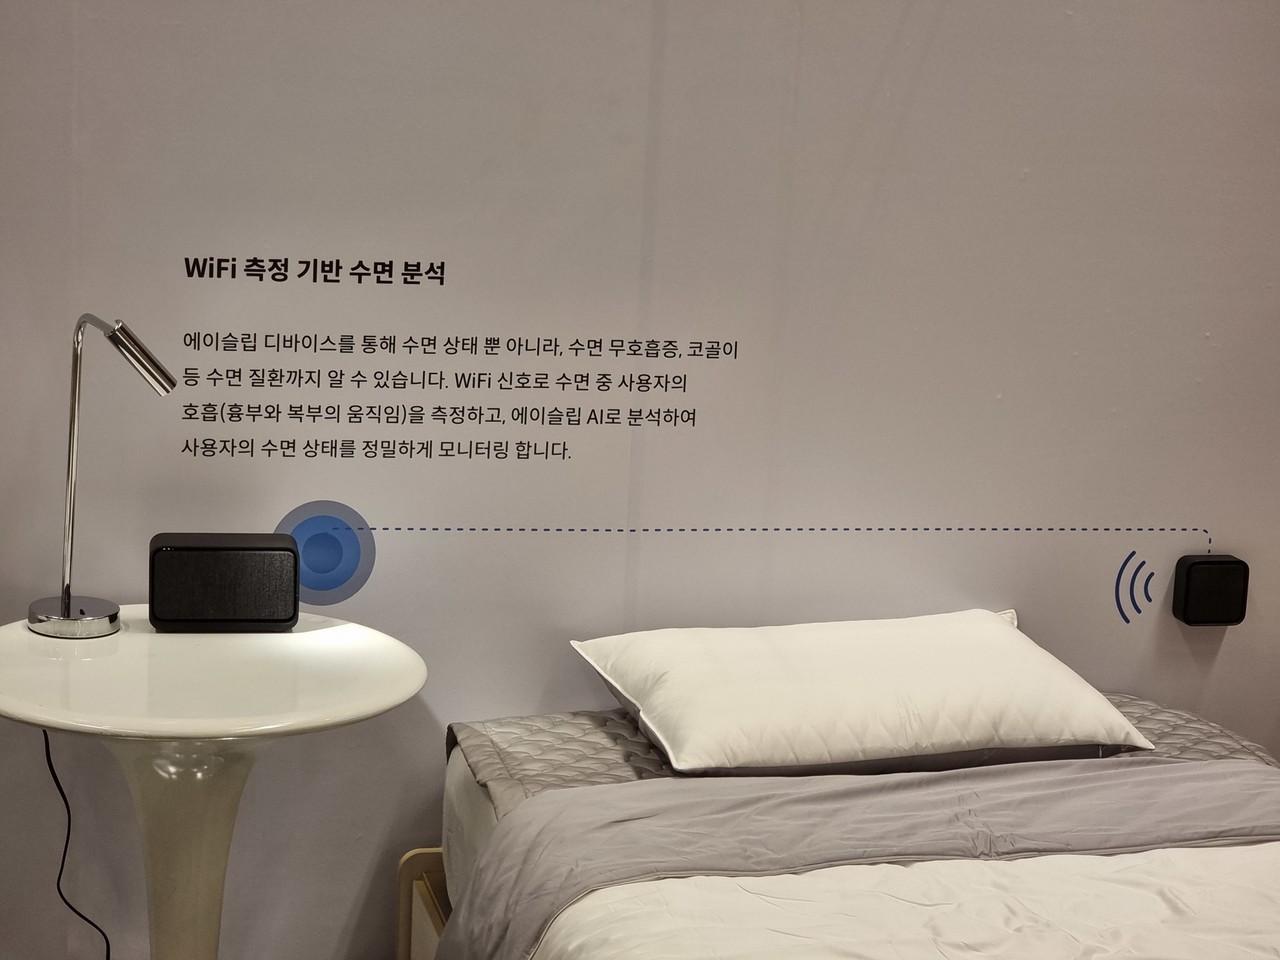 ▲ 수면 상태를 사운드를 통해 파악하는 에이슬립. 베개 사이에 기기 두 개를 둔 뒤 잠들면 사운드를 통해 수면 상태를 모니터링한다.